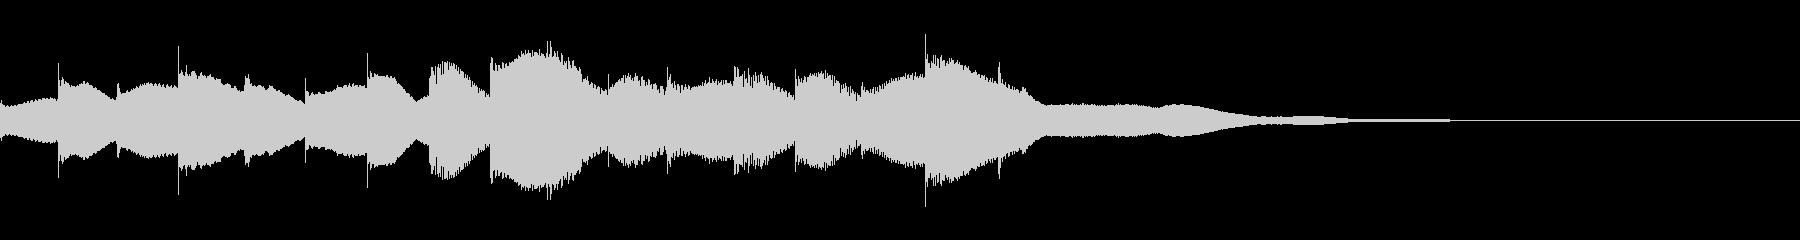 ジングル用オルゴール楽曲08-2の未再生の波形